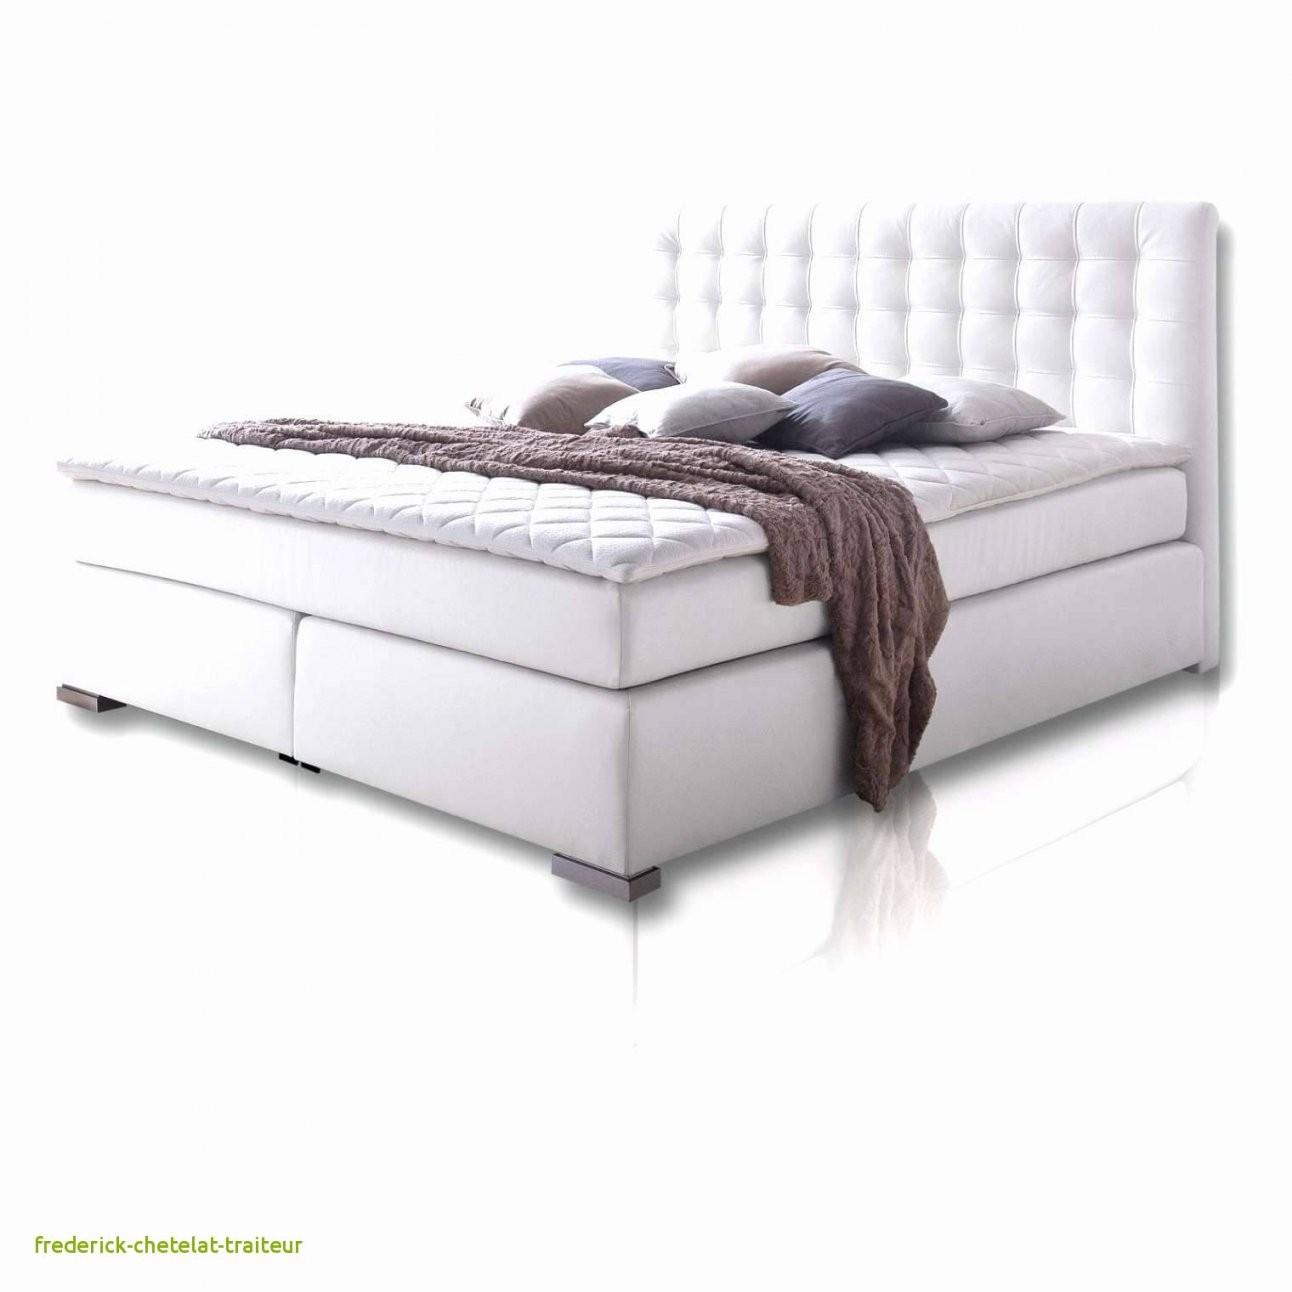 Dieser Ganz Bett 120×200 Mit Matratze Und Lattenrost Vorstellung von Bett 120X200 Mit Matratze Und Lattenrost Photo